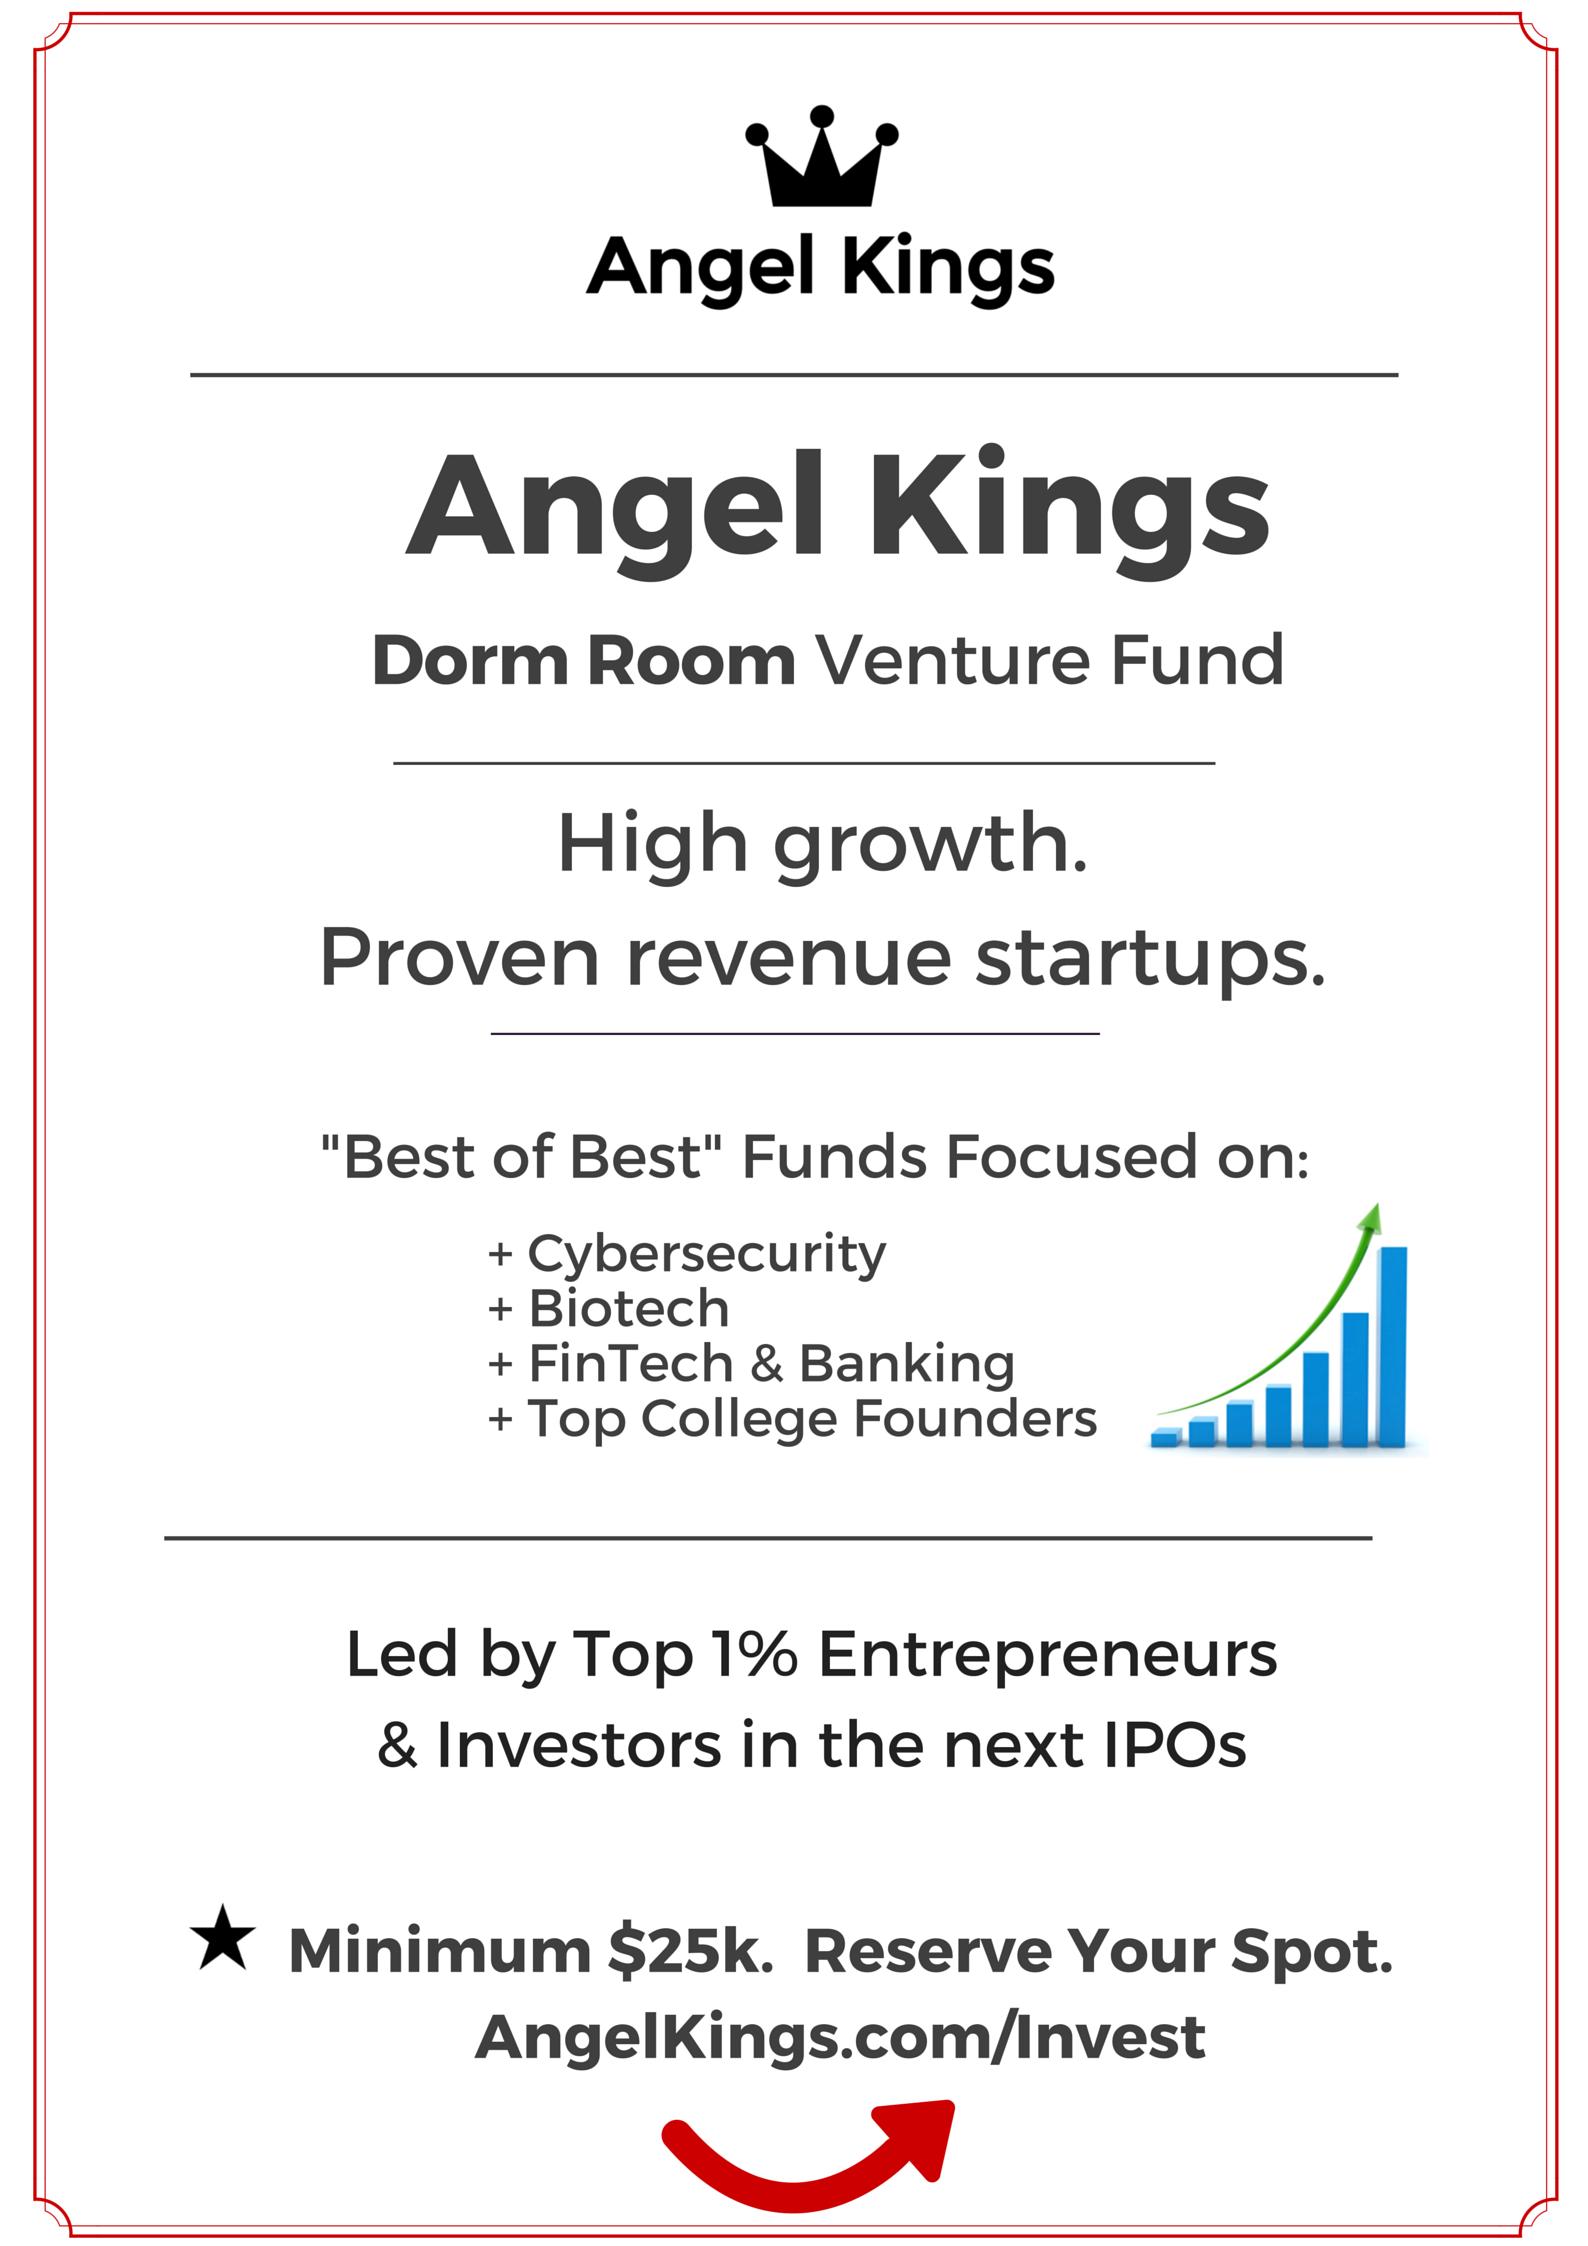 door-room-venture-capital-fund